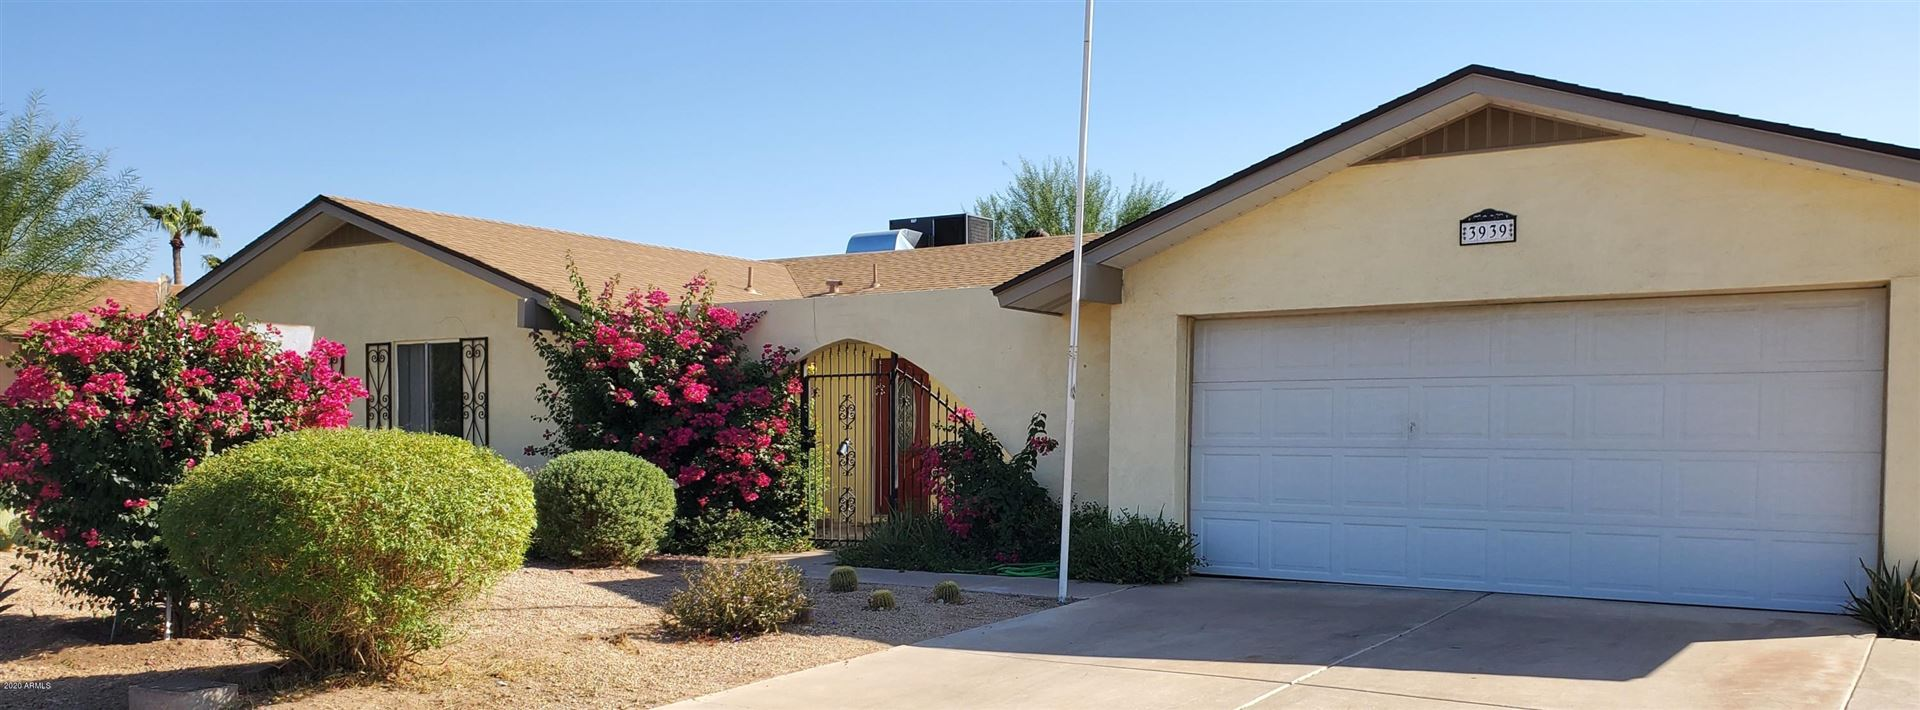 3939 W DANBURY Drive, Glendale, AZ 85308 - MLS#: 6146864